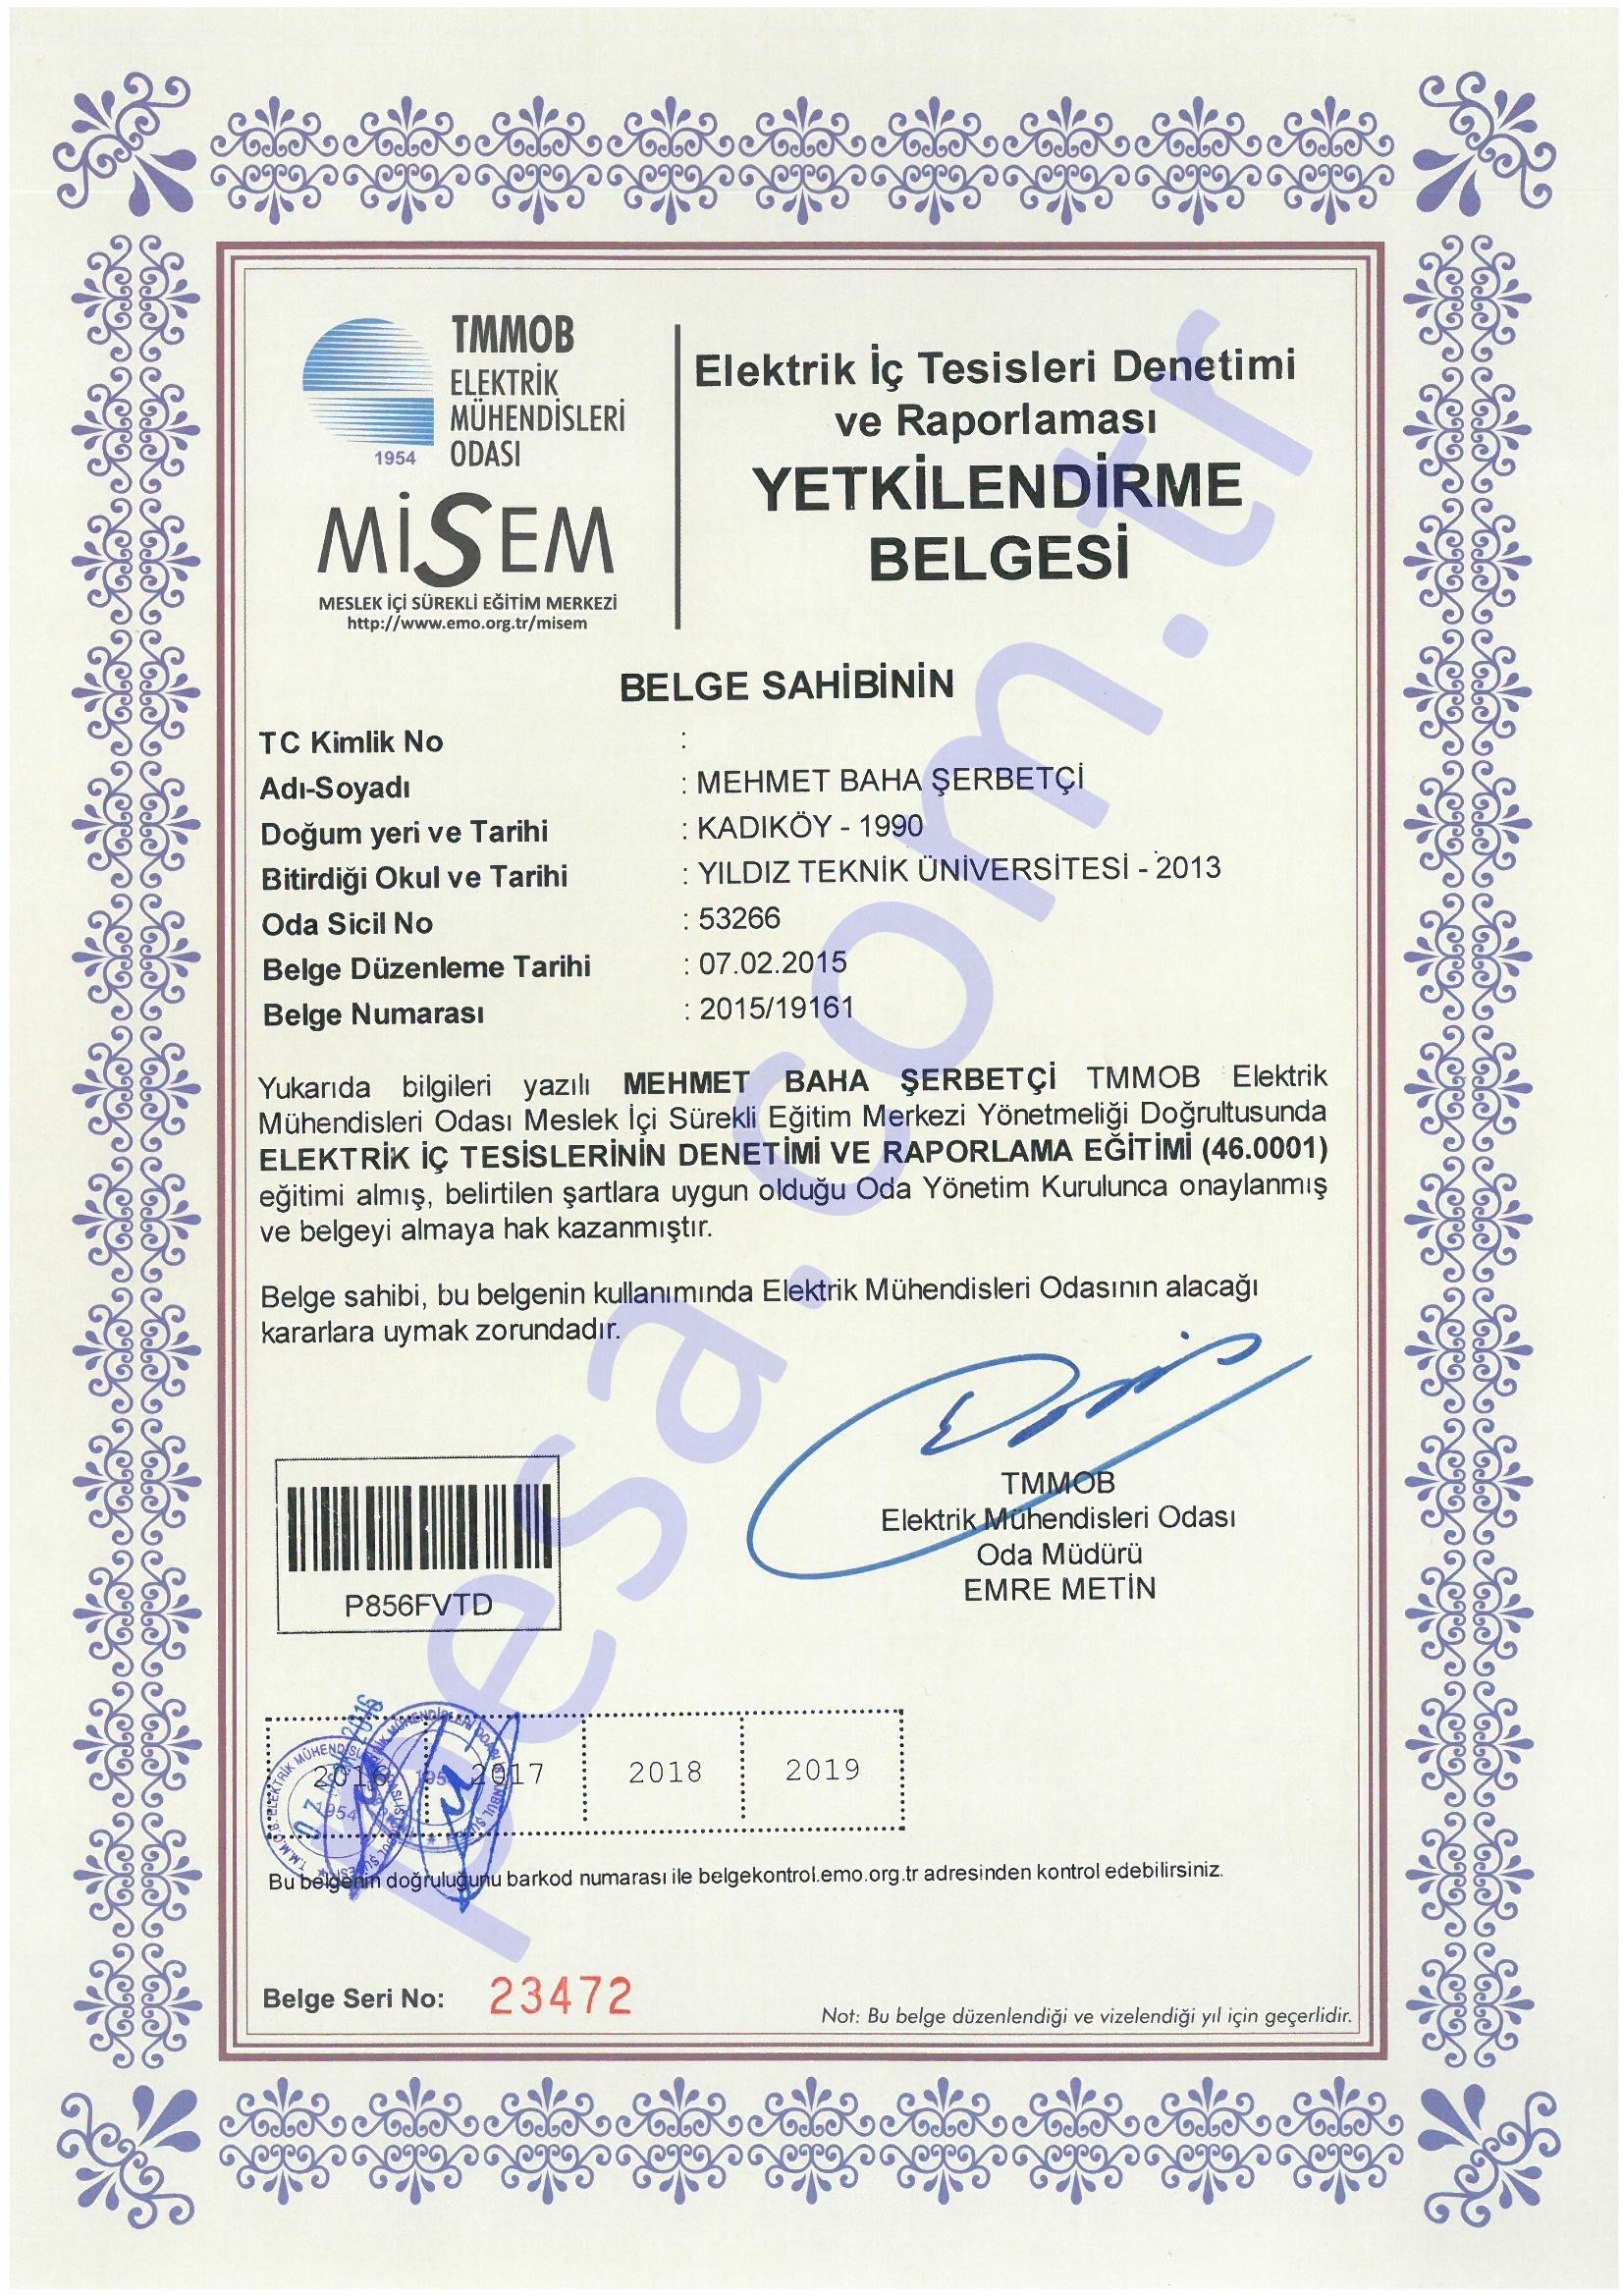 Elektrik İç Tesisleri Denetimi Yetkilendirme Belgesi - Baha Şerbetçi